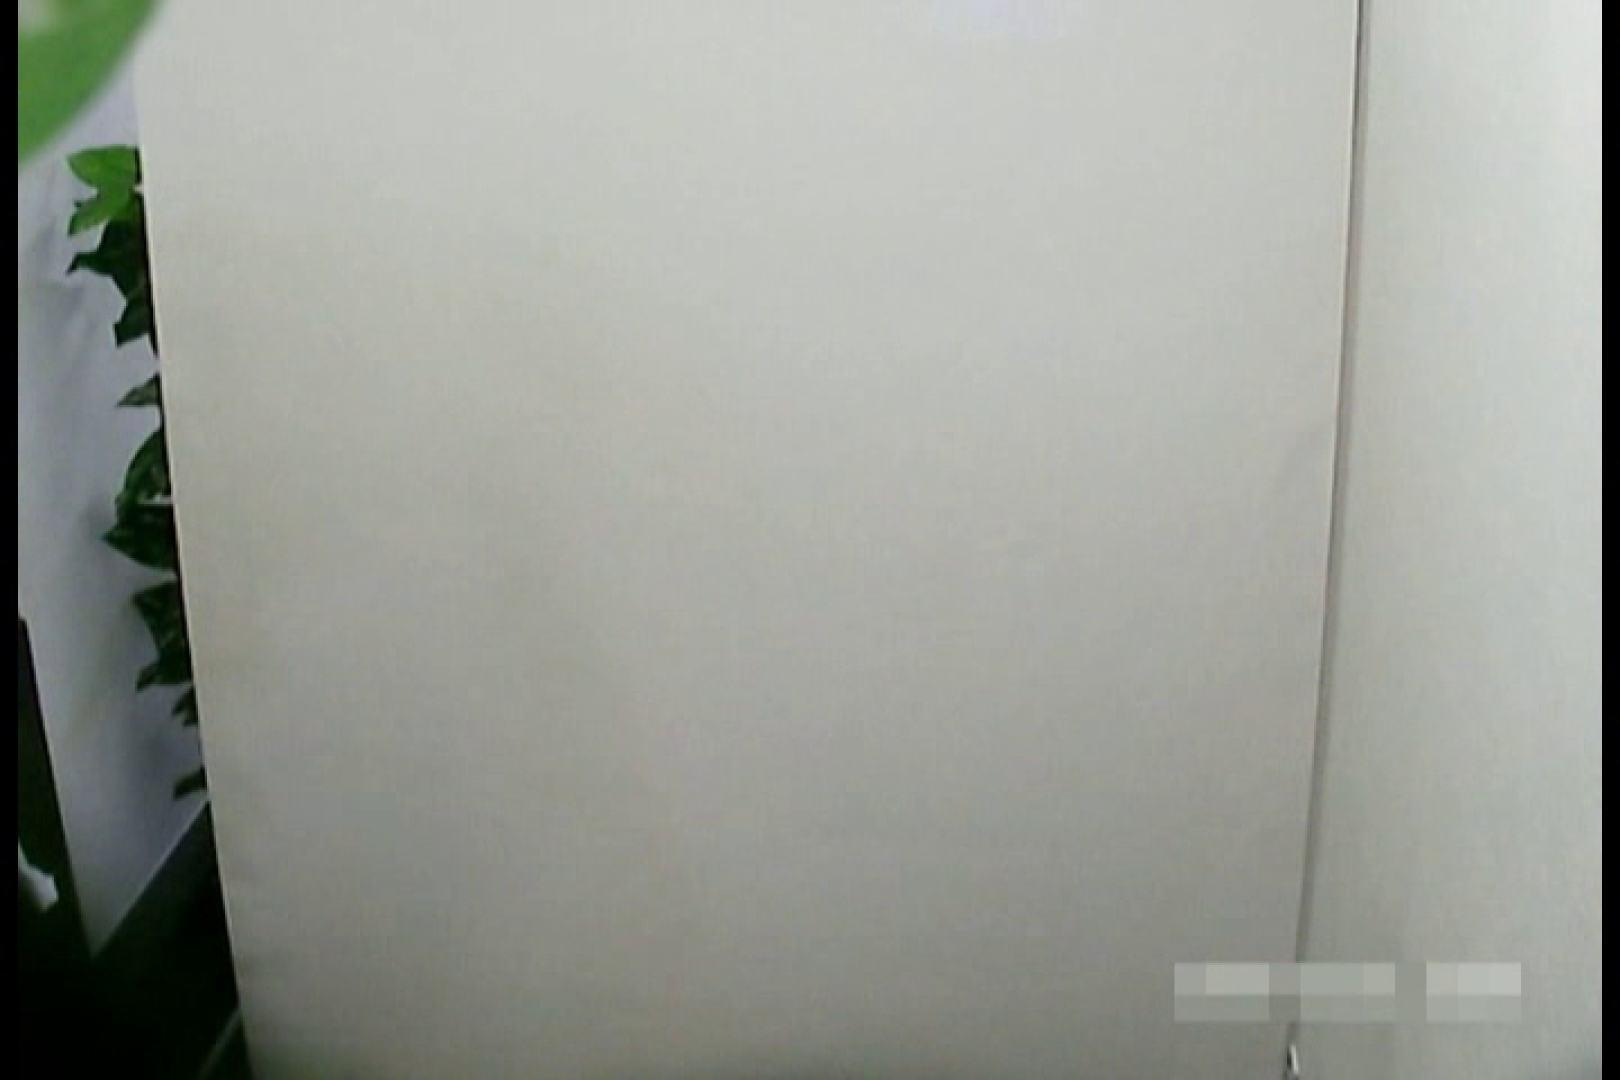 素人撮影 下着だけの撮影のはずが・・・エミちゃん18歳 素人 | おっぱい  55pic 55